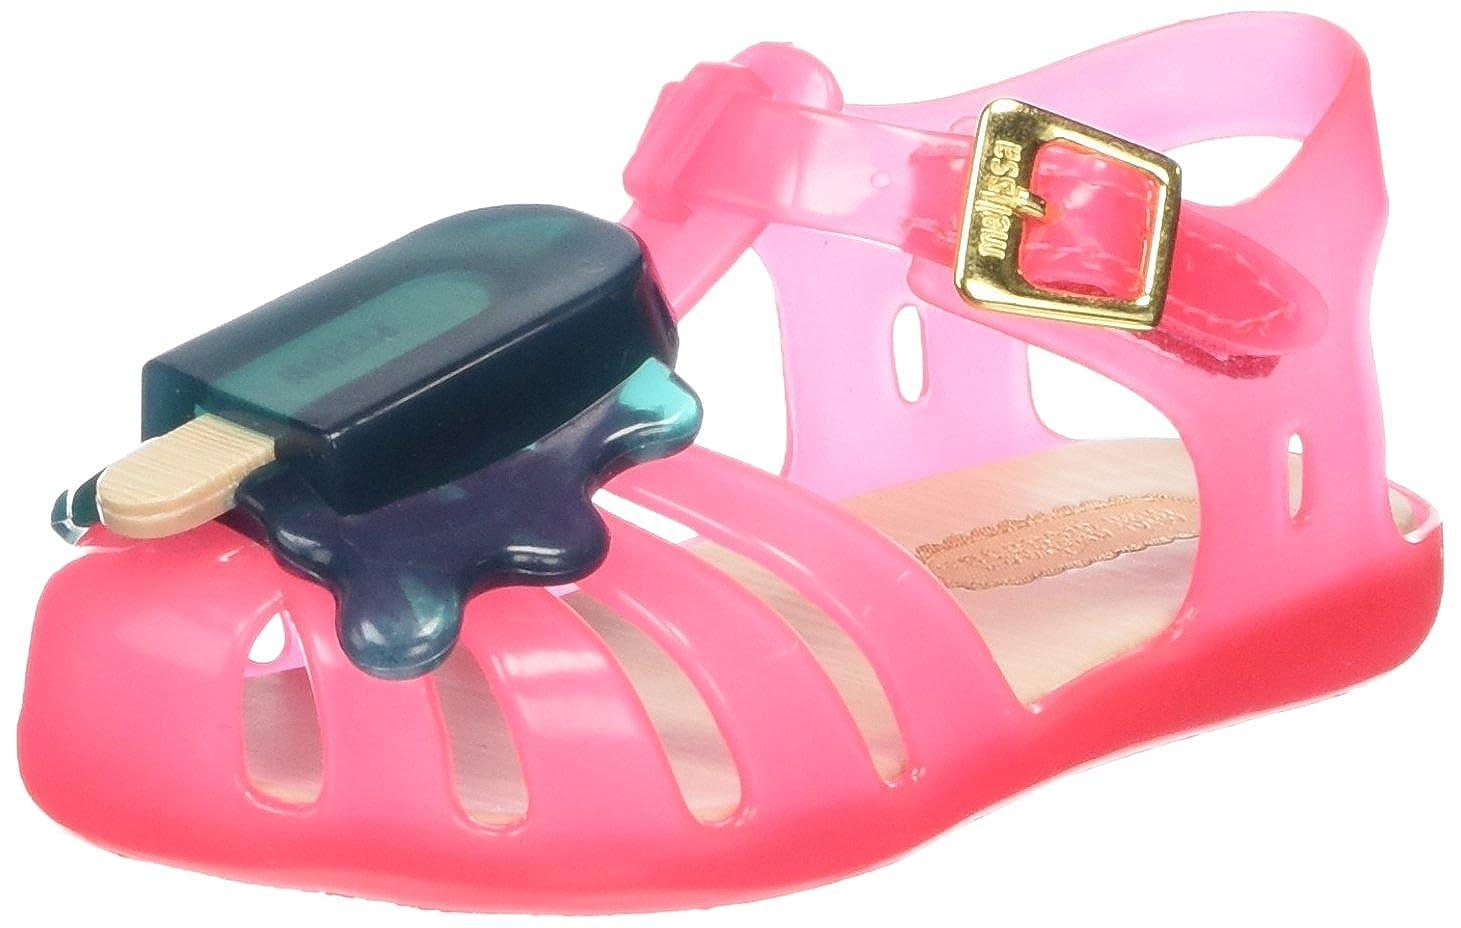 Melissa Mini Aranha VIII BBP, Sandales Premiers Pas Bébé Fille Chaussures Bébé Marche bébé Fille - Multicolore - Mehrfarbig (Ink/Green 52364) 19/20 31704